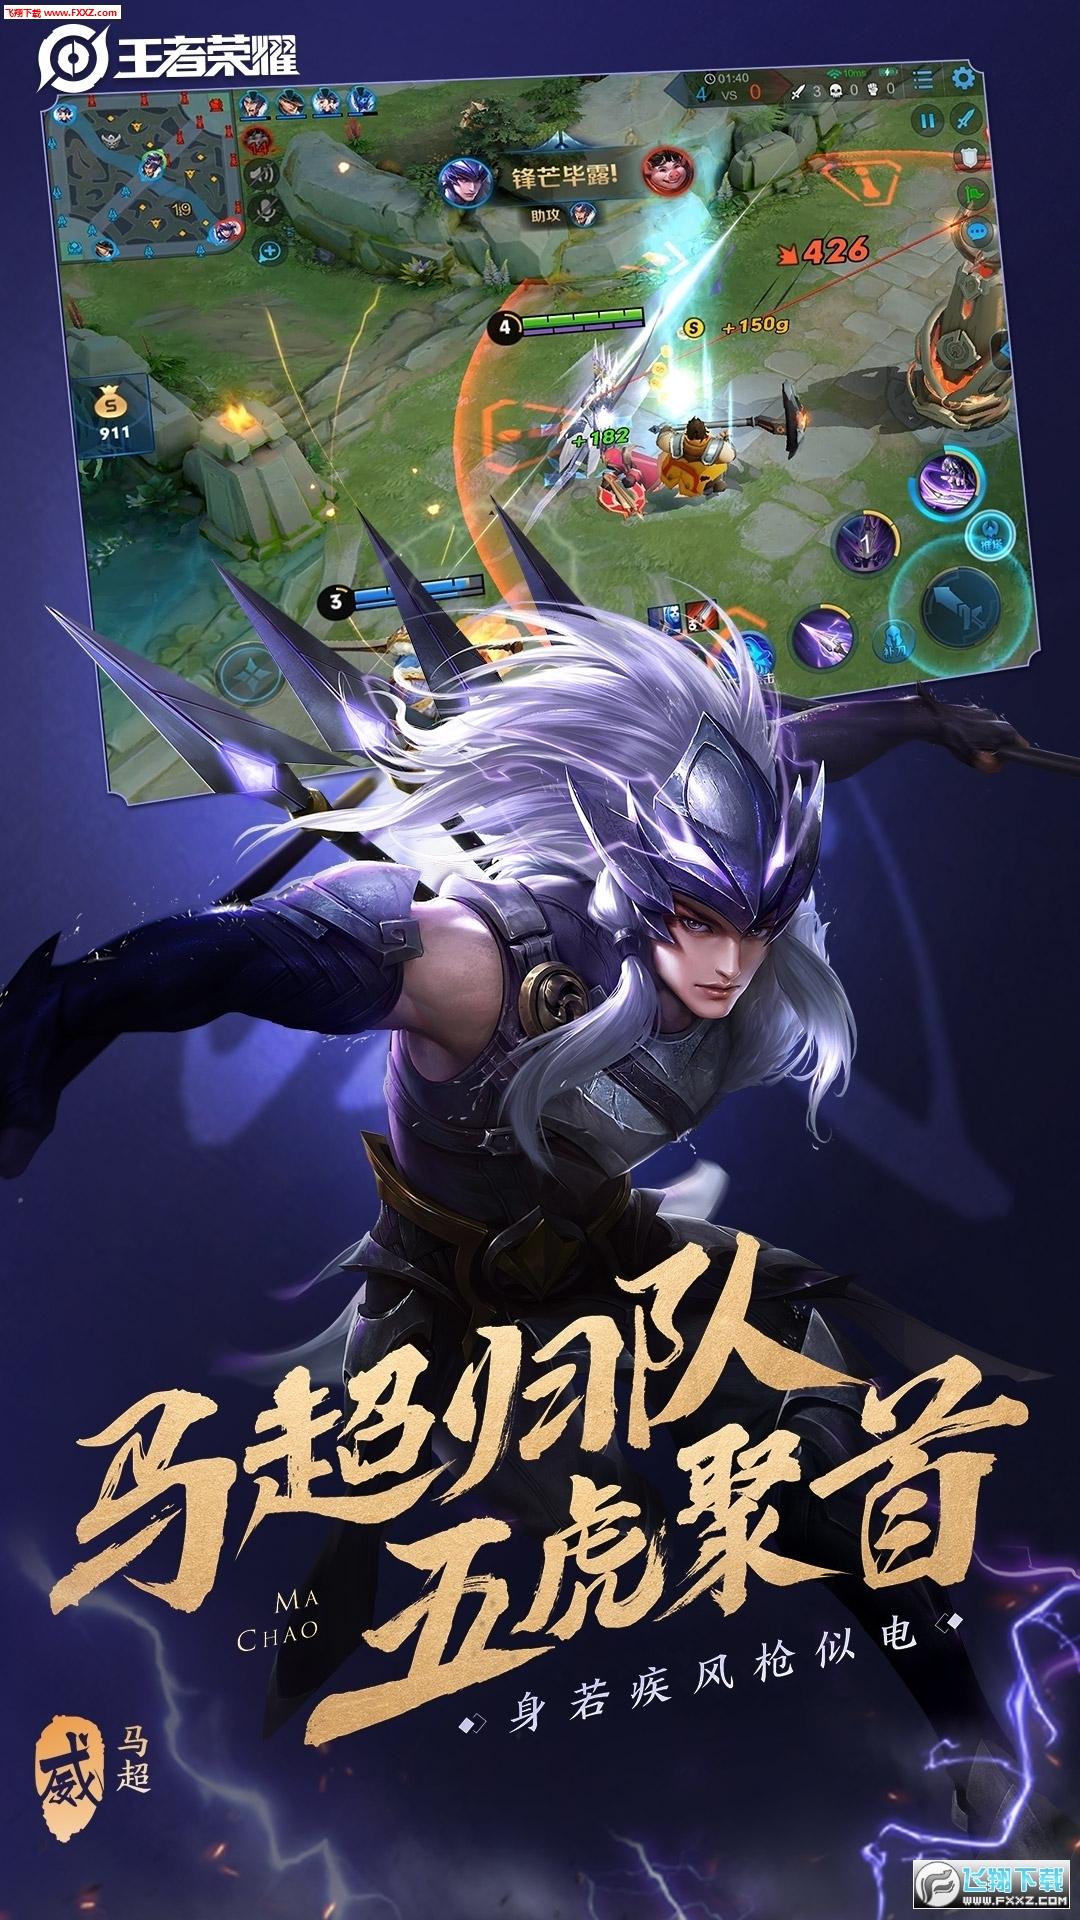 王者荣耀s19赛季最新版1.52.1.7截图1